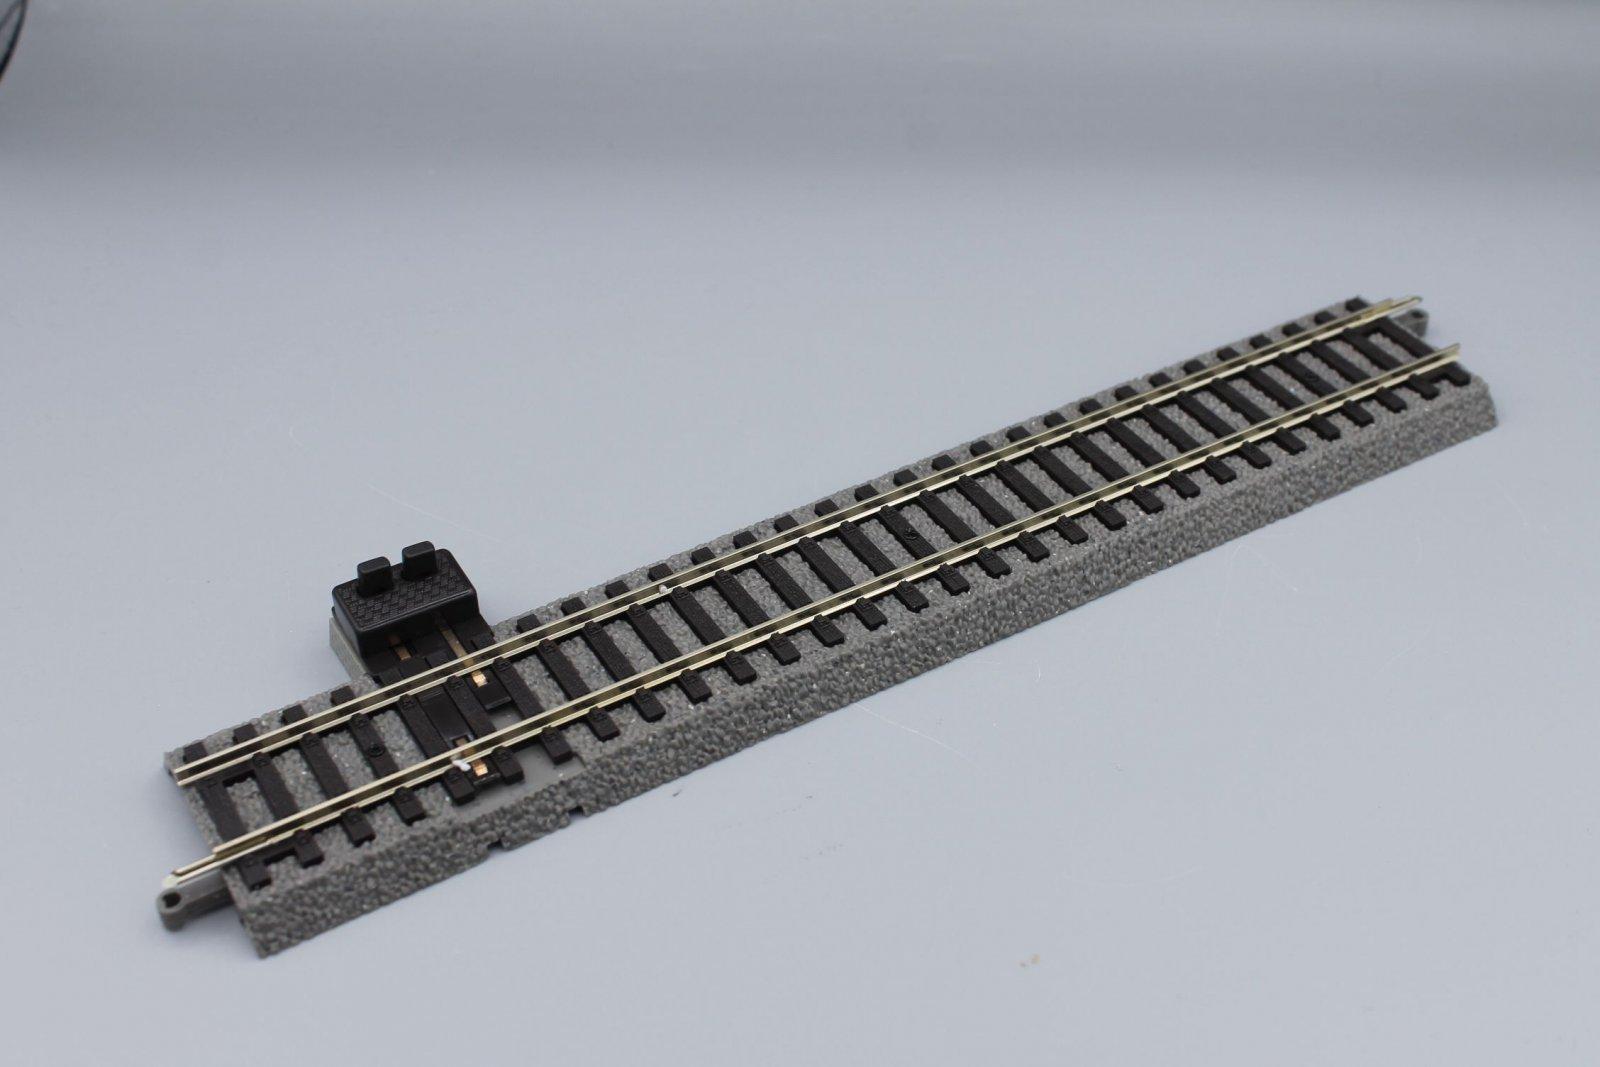 Piko 55406 + 55447  A-Gleis - Gerade G231 mit Bettung- 231mm + Anschlussclip